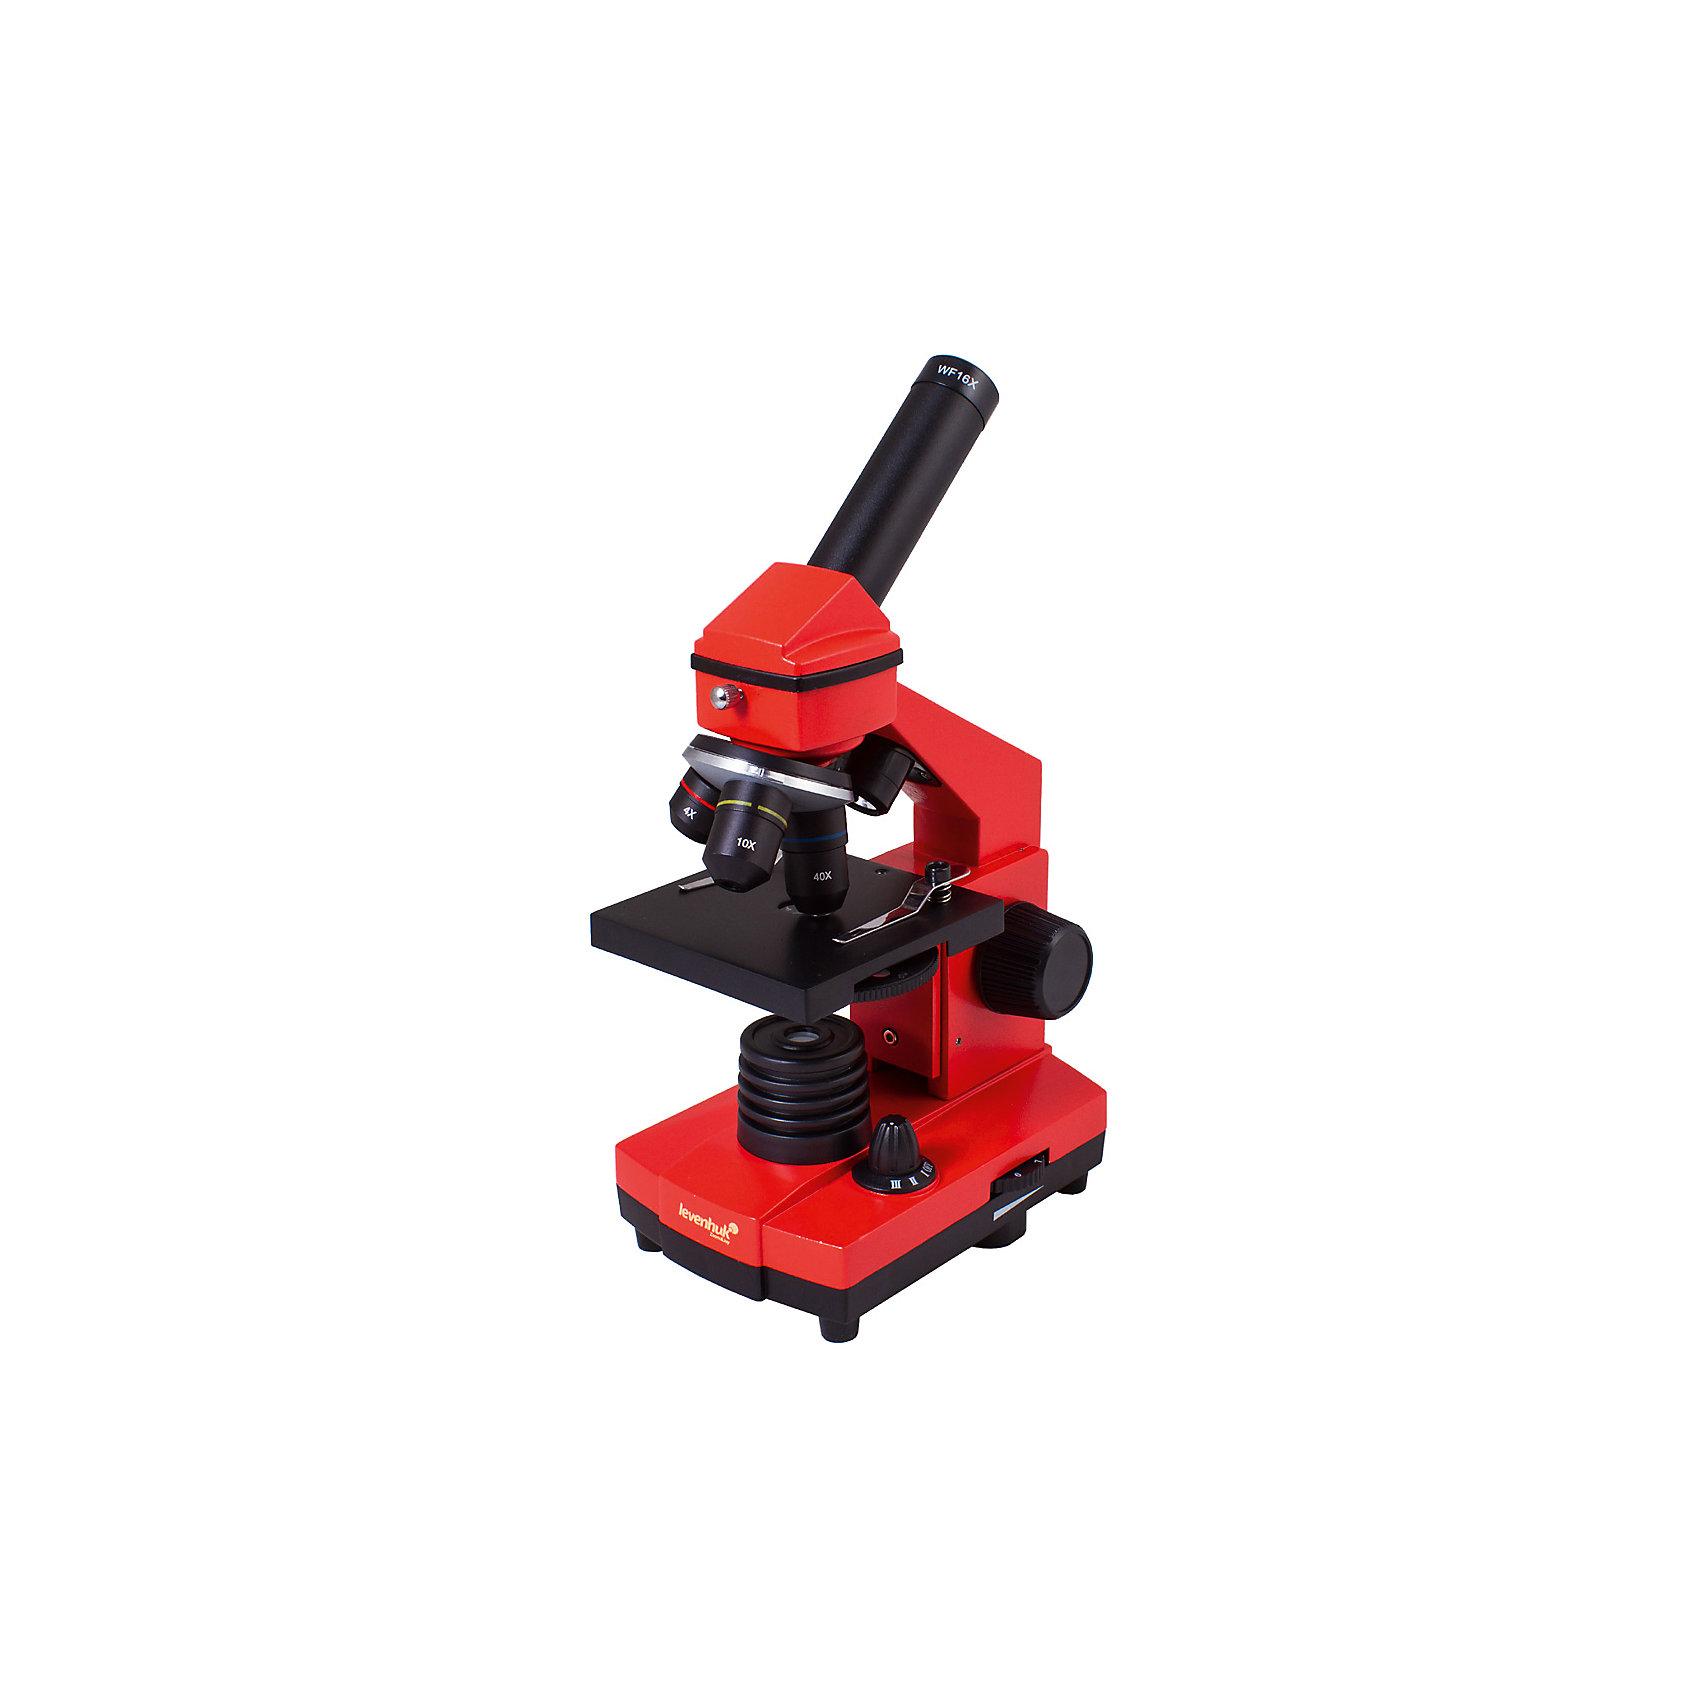 Микроскоп Levenhuk Rainbow 2L PLUS Orange\АпельсинМикроскопы<br>Характеристики товара:<br><br>• материал: металл, пластик<br>• увеличение: до 640 крат<br>• набор для опытов в комплекте<br>• прочный металлический корпус<br>• подсветка: светодиод<br>• лампа работает от батареек 3хАА<br>• комплектация: микроскоп, объективы: 4х, 10х и 40хs, окуляр: WF16x, Предметный столик с зажимами, диск с диафрагмами, конденсор, встроенные нижний и верхний осветители на светодиодах, сетевой адаптер (питание 220 В, 50 Гц), инструкция по эксплуатации и гарантийный талон, пинцет, инкубатор для артемии, микротом, флакон с дрожжами, флакон со смолой для изготовления препаратов, флакон с морской солью, флакон с артемией (морским рачком), 5 готовых образцов и 5 чистых предметных стекол, пипетка, пылезащитный чехол<br>• страна бренда: США<br>• страна производства: КНР<br><br>Собственный микроскоп - это отличный способ заинтересовать ребенка наукой и привить ему интерес к учебе. Эта модель микроскопа была разработана специально для детей - он позволяет увеличивать препарат в 640 крат, с помощью этого дети могут исследовать состав и структуру разнообразных предметов, веществ и организмов. Благодаря стильному дизайну этот микроскоп отлично вписывается в интерьер!<br><br>Оптические приборы от американской компании Levenhuk уже успели зарекомендовать себя как качественная и надежная продукция. Для их производства используются только безопасные и проверенные материалы. Такой прибор способен прослужить долго. Подарите ребенку интересную и полезную вещь!<br><br>Микроскоп Levenhuk Rainbow 2L PLUS Orange\Апельсин от известного бренда Levenhuk (Левенгук) можно купить в нашем интернет-магазине.<br><br>Ширина мм: 230<br>Глубина мм: 150<br>Высота мм: 370<br>Вес г: 1840<br>Возраст от месяцев: 60<br>Возраст до месяцев: 2147483647<br>Пол: Унисекс<br>Возраст: Детский<br>SKU: 5435278